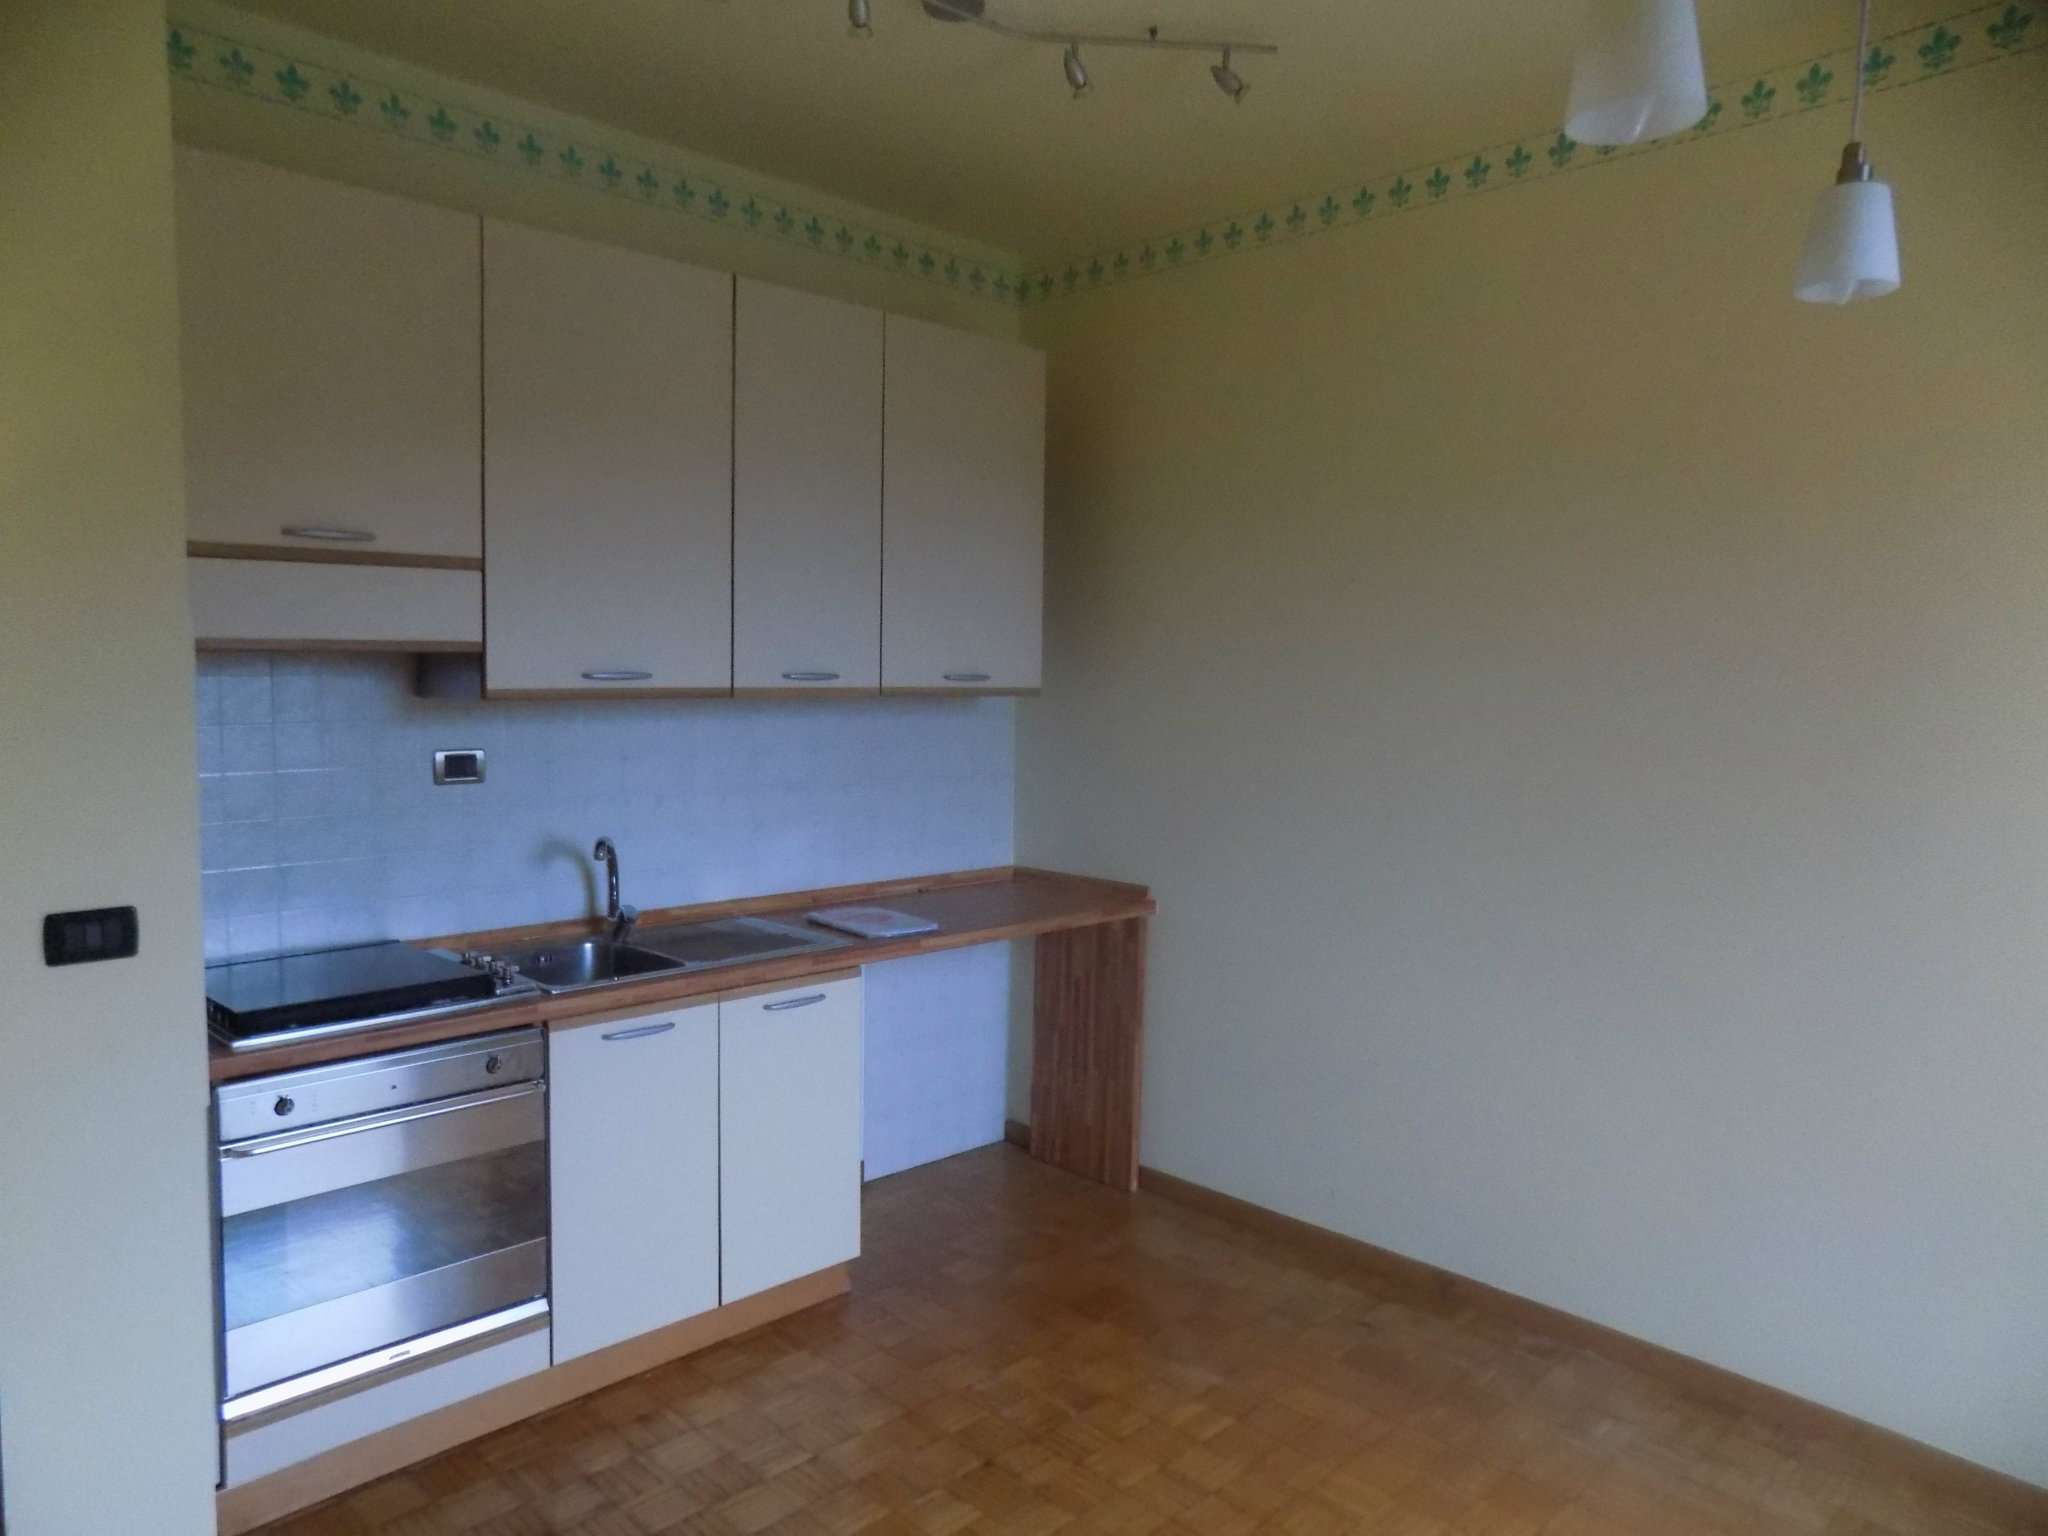 Appartamento in Vendita a Uscio: 2 locali, 50 mq